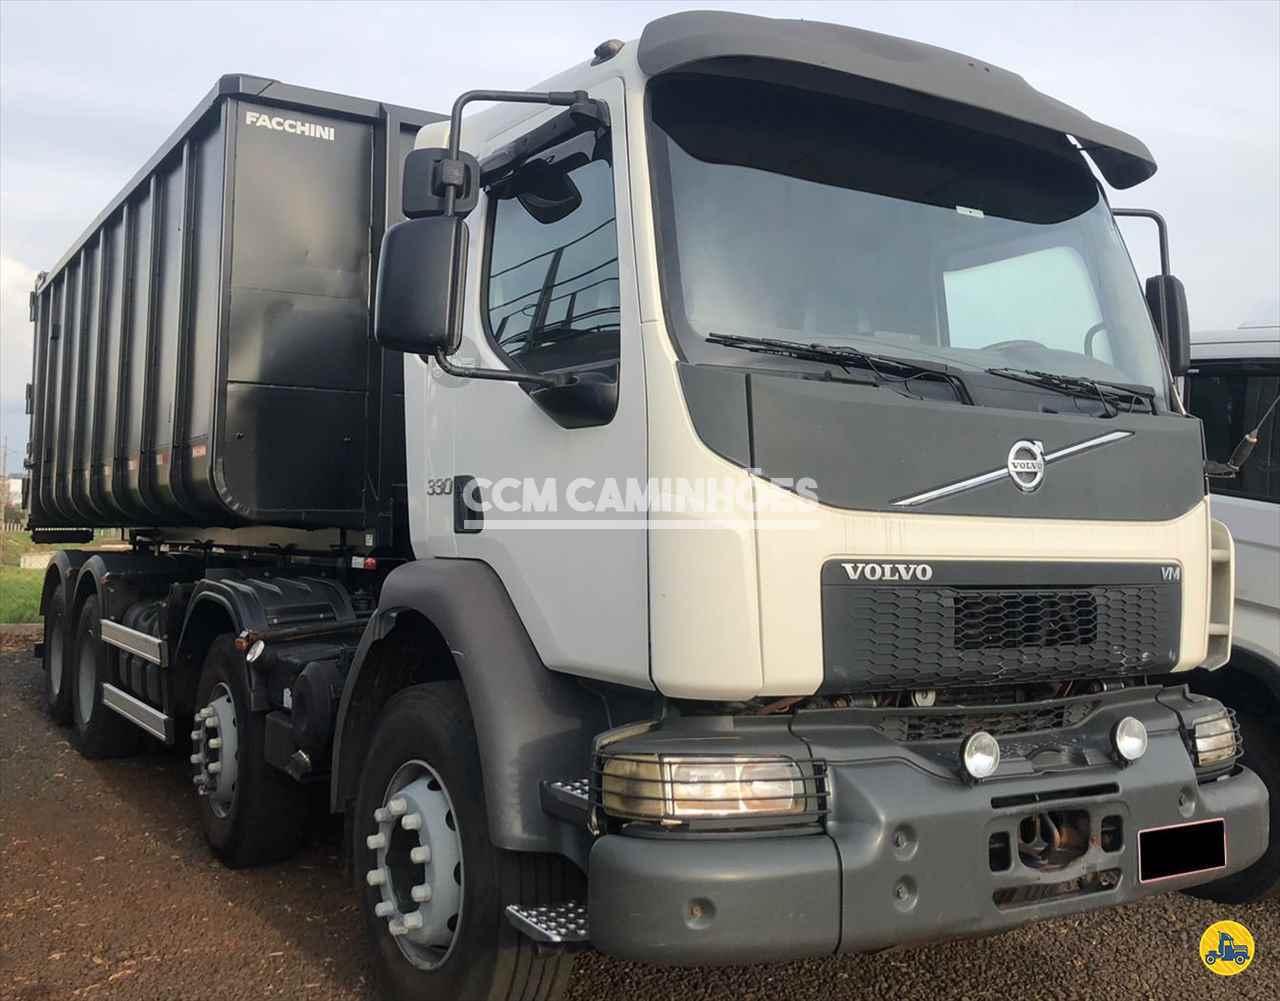 VOLVO VM 330 de CCM Caminhões - GOIANIA/GO